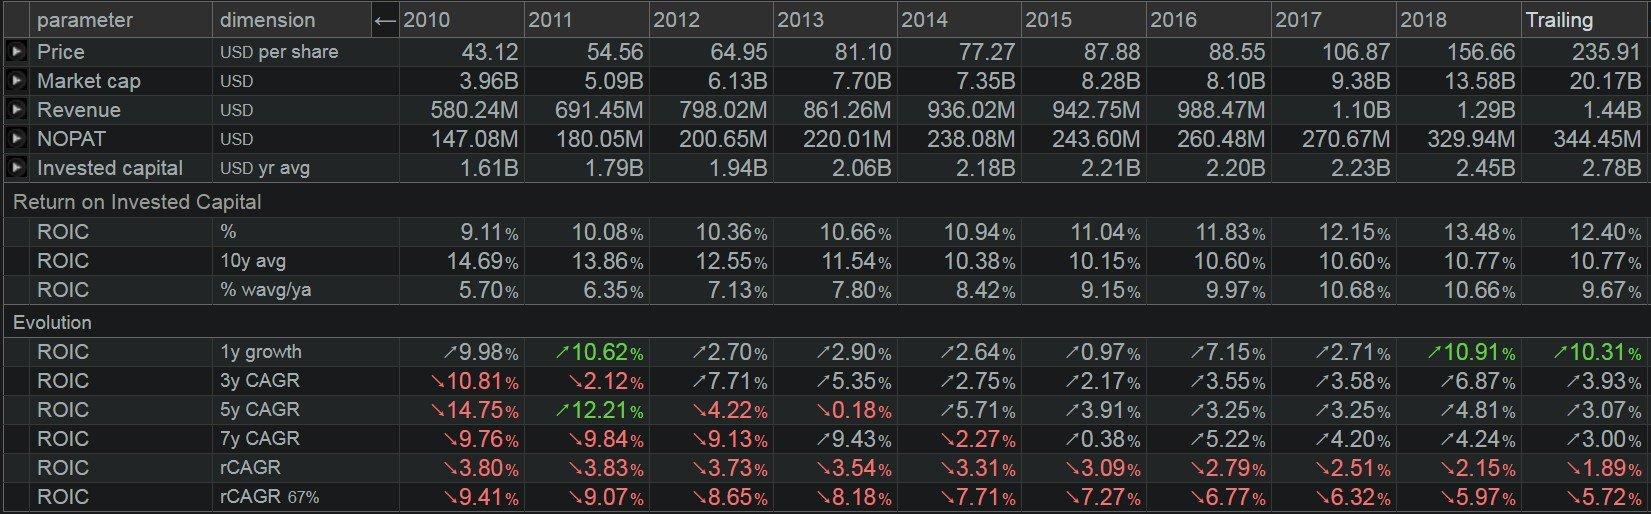 ANSYS (ANSS) - grafico-il ROIC adjusted, ossia il rendimento sul capitale investito e le sue componenti anno per anno